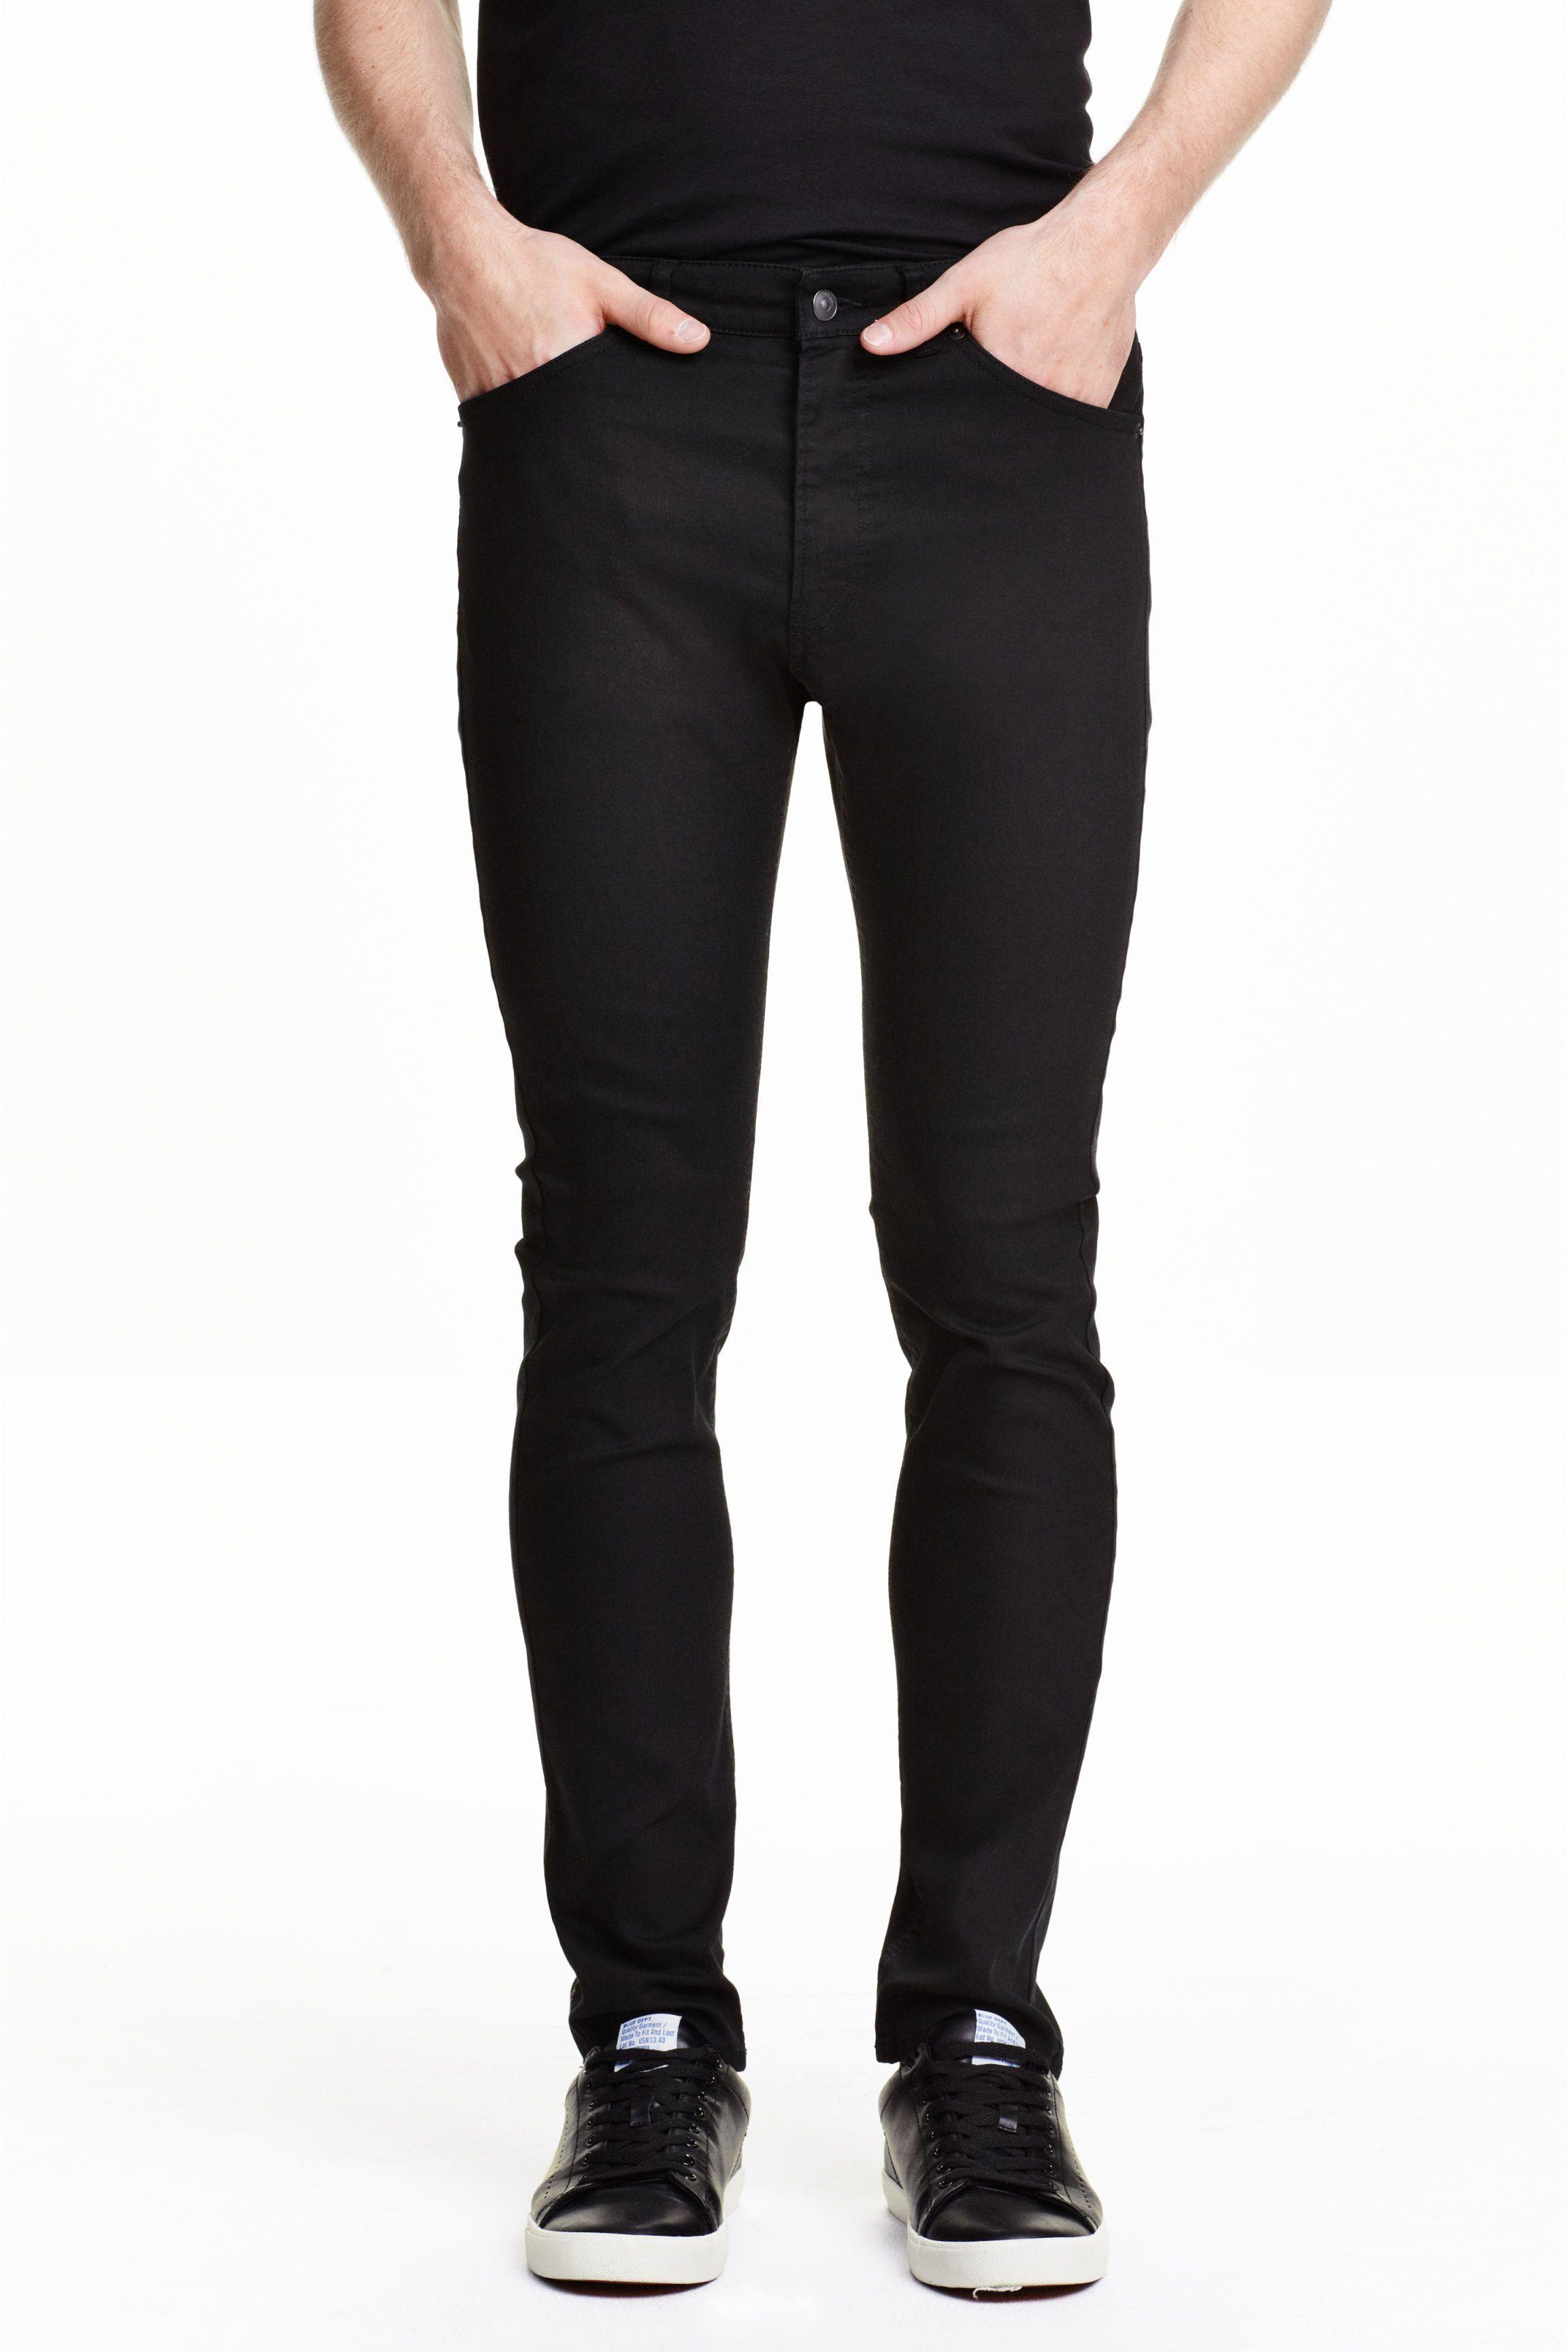 a2f963e1c7c25 Imagen moda-pantalones-y-jeans-vaqueros-hombre-otono-invierno-tendencias- 2016-skinny-sarga del artículo Moda Pantalones y Jeans Vaqueros Hombre  Invierno ...